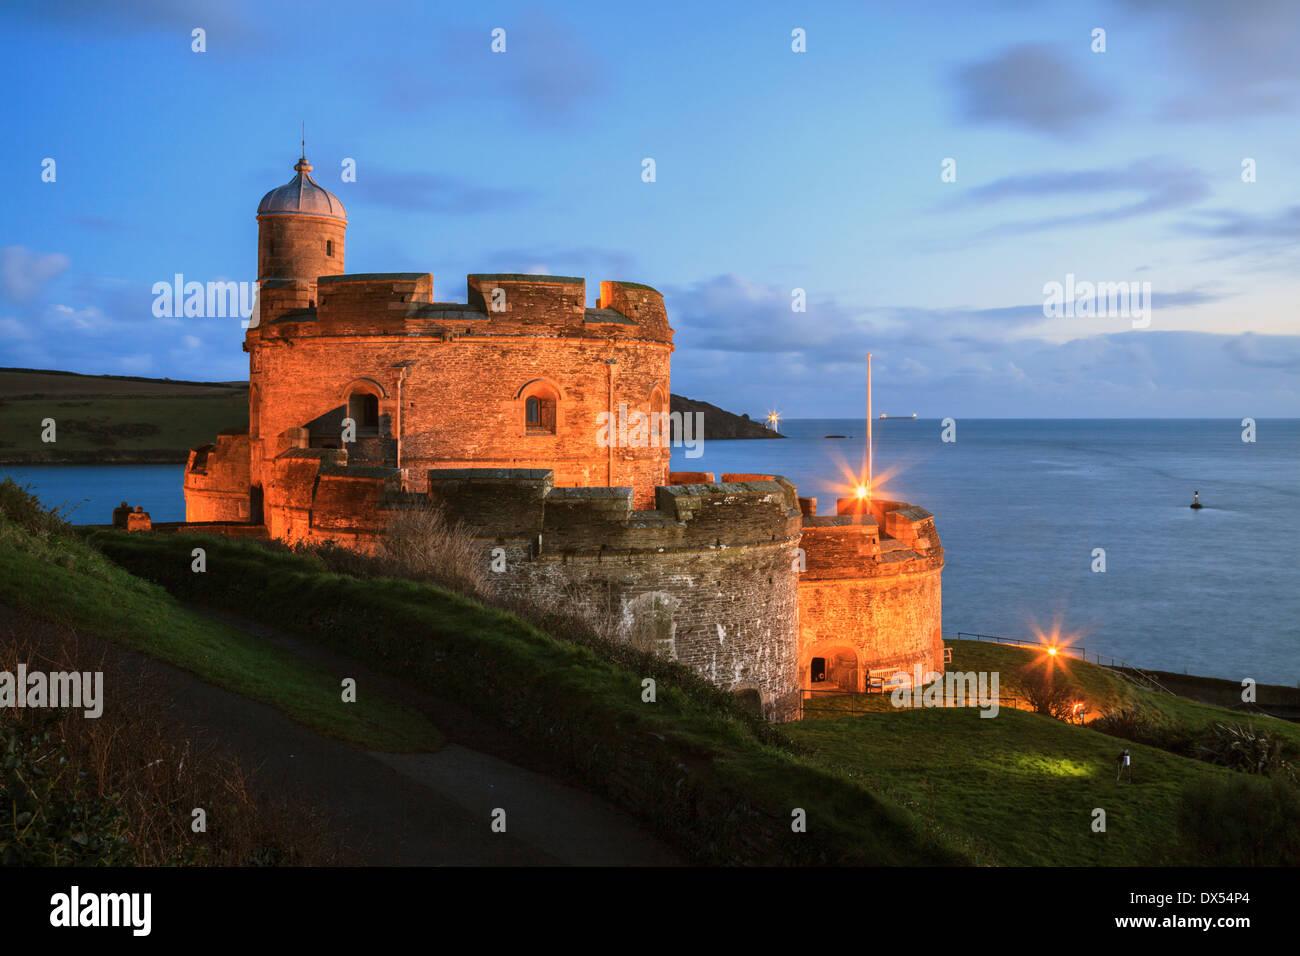 St Mawes Castello catturati durante il crepuscolo Immagini Stock